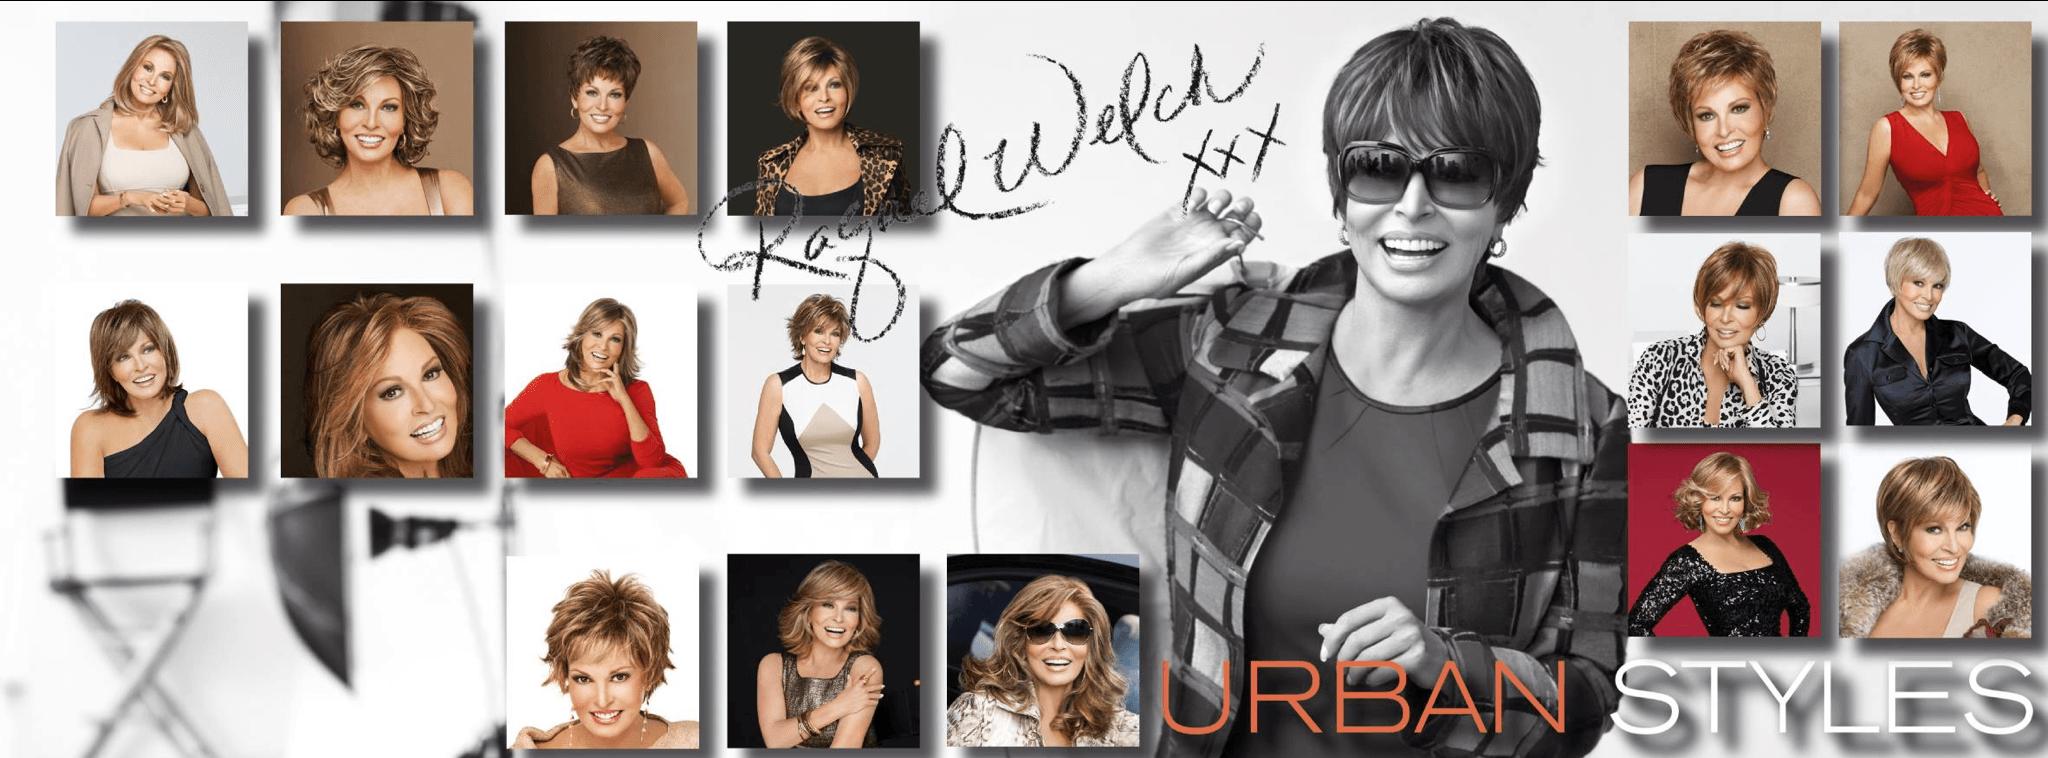 Raquel Welch Urban Styles